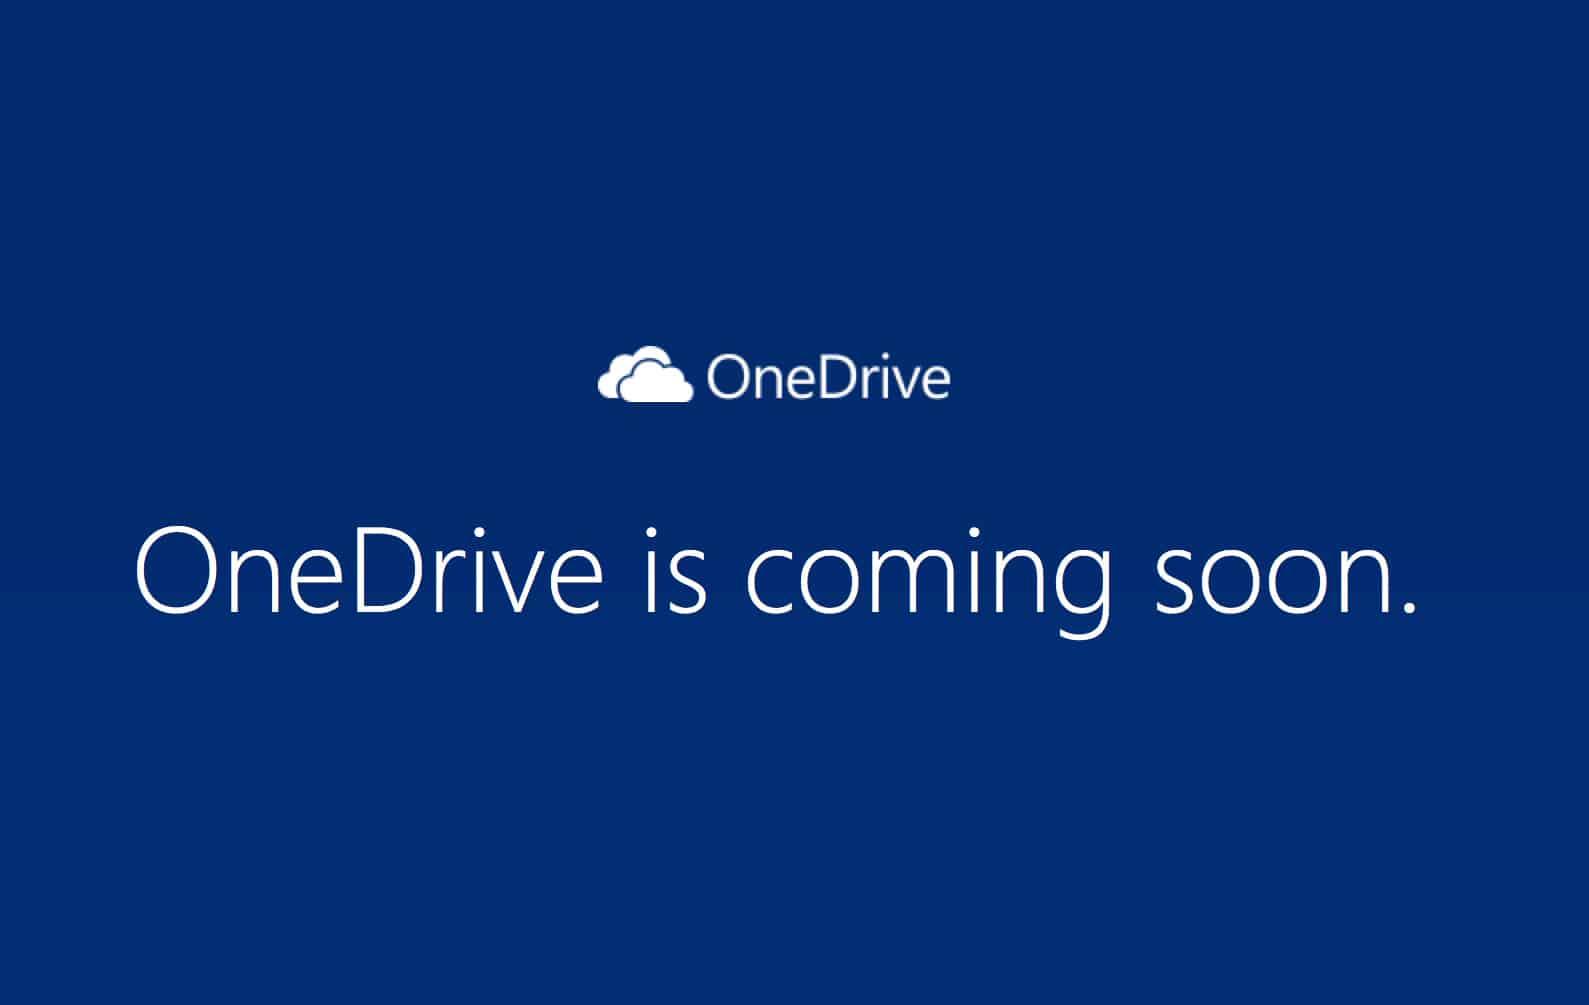 OneDrive es el nuevo nombre de SkyDrive, que debió cambiar su nombre producto de una demanda.